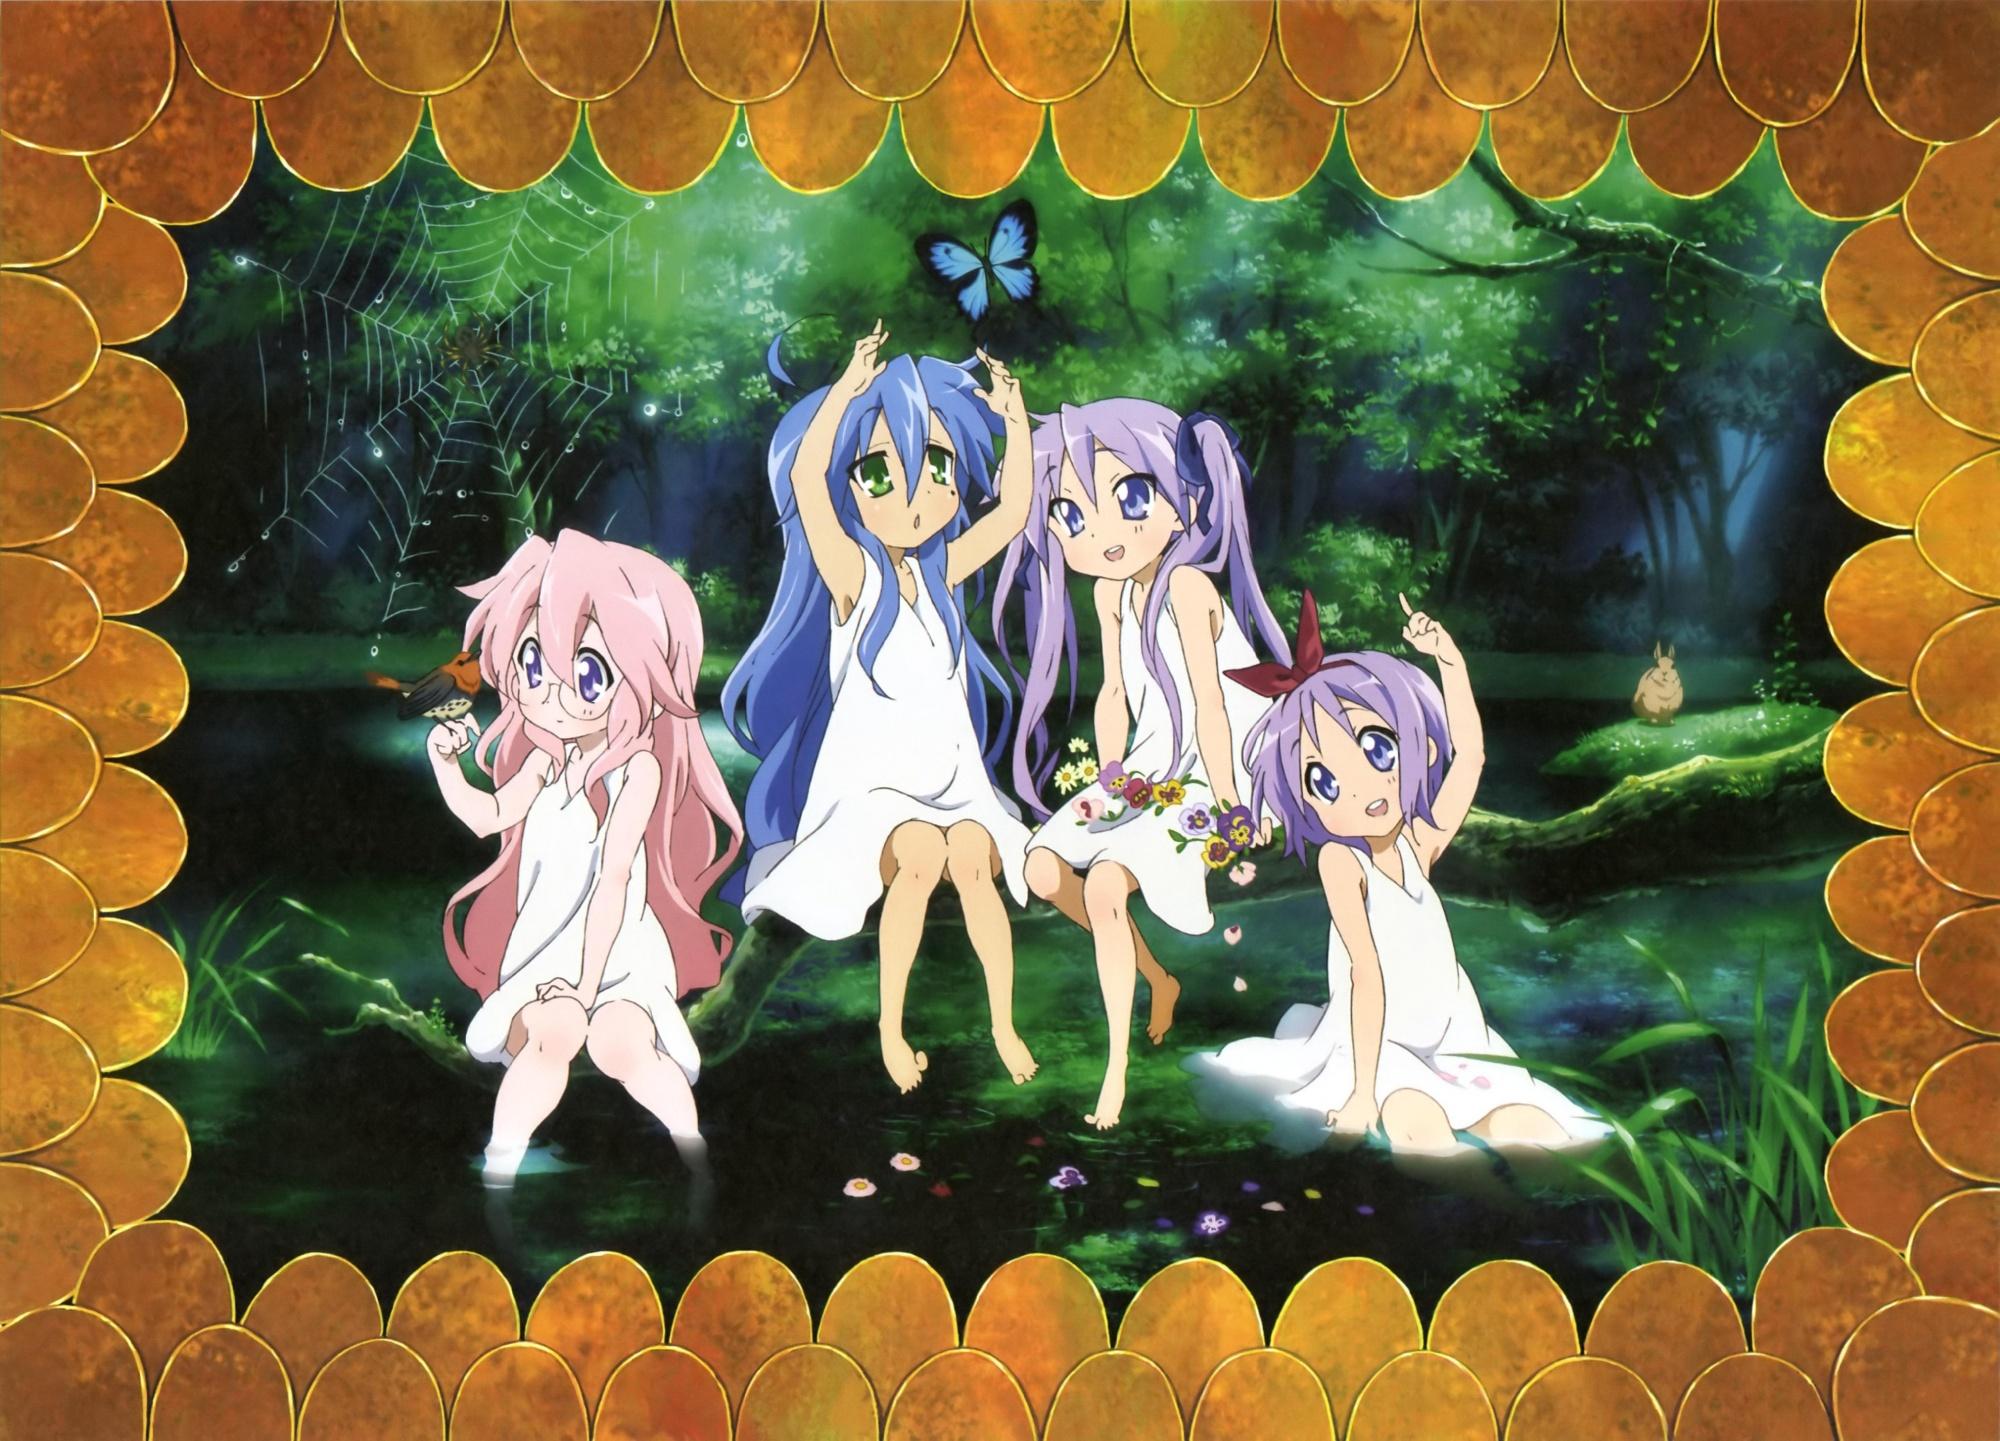 butterfly hiiragi_kagami hiiragi_tsukasa izumi_konata lucky_star scan takara_miyuki